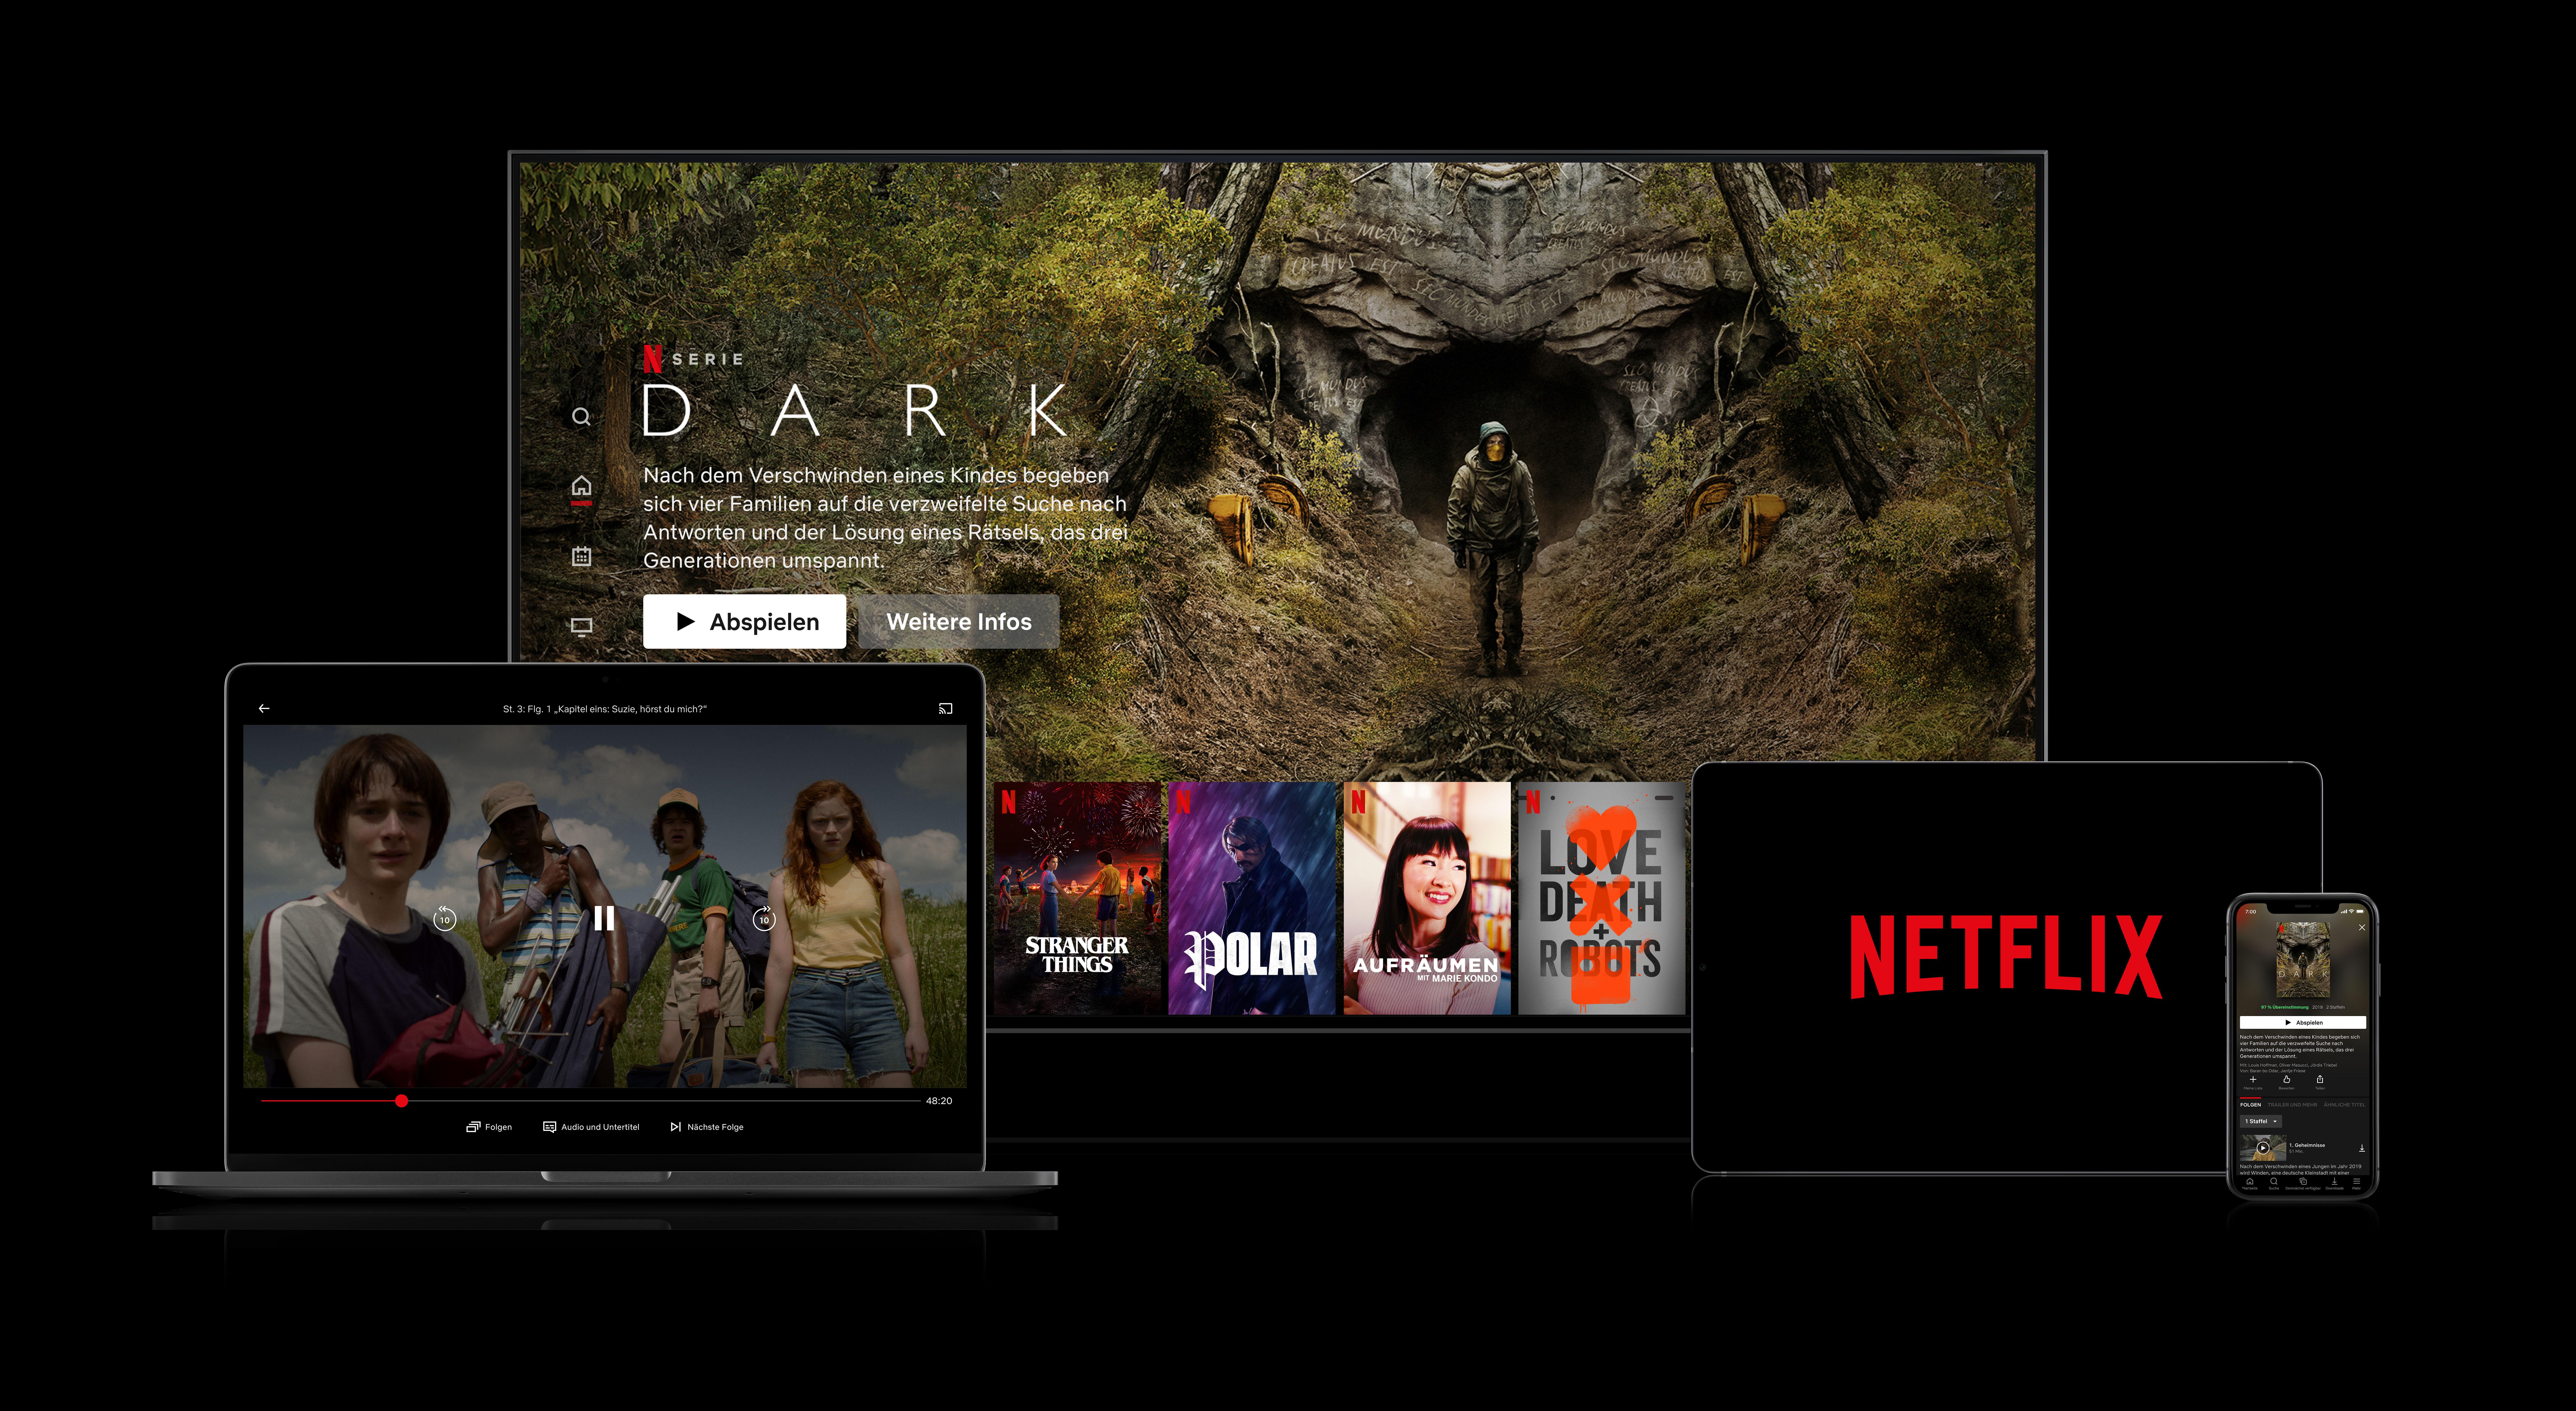 Netflix Wie viele Geräte kann man gleichzeitig nutzen